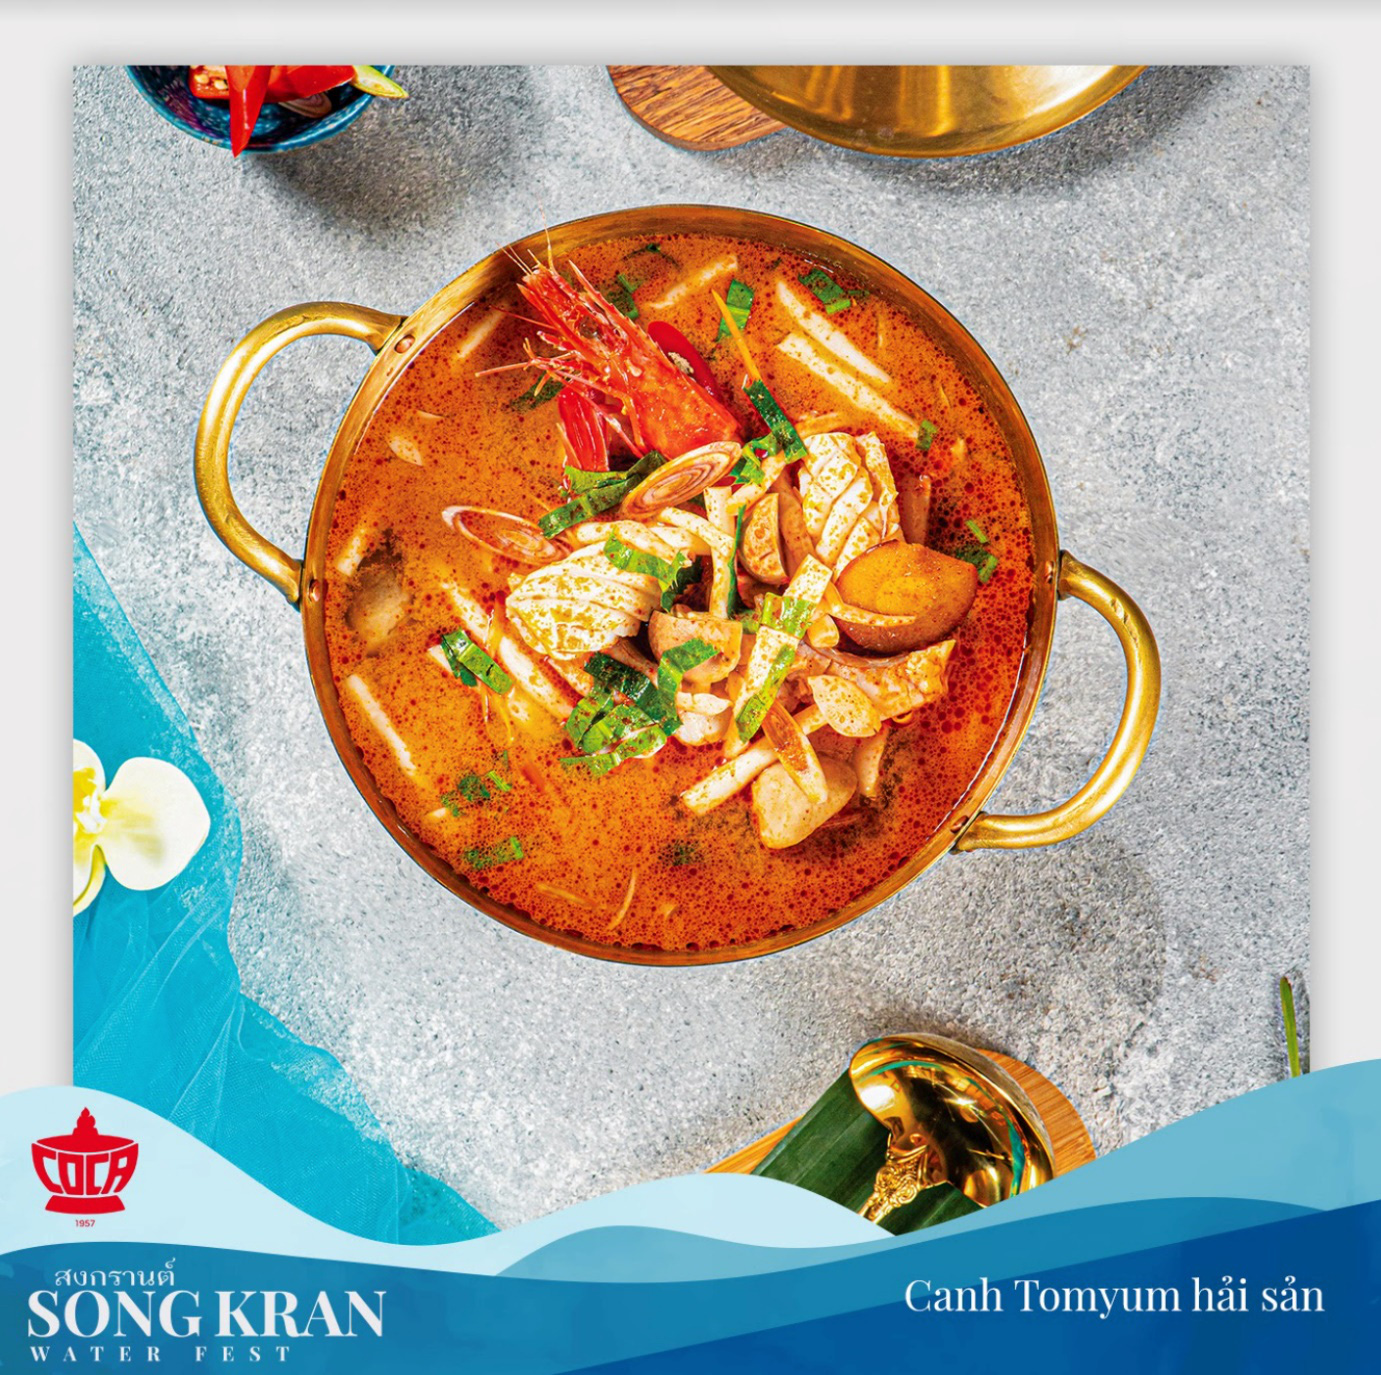 Songkran không chỉ là té nước, bởi có hàng loạt những món ngon khó cưỡng của xứ sở chùa Vàng cũng chờ bạn thưởng thức - Ảnh 3.